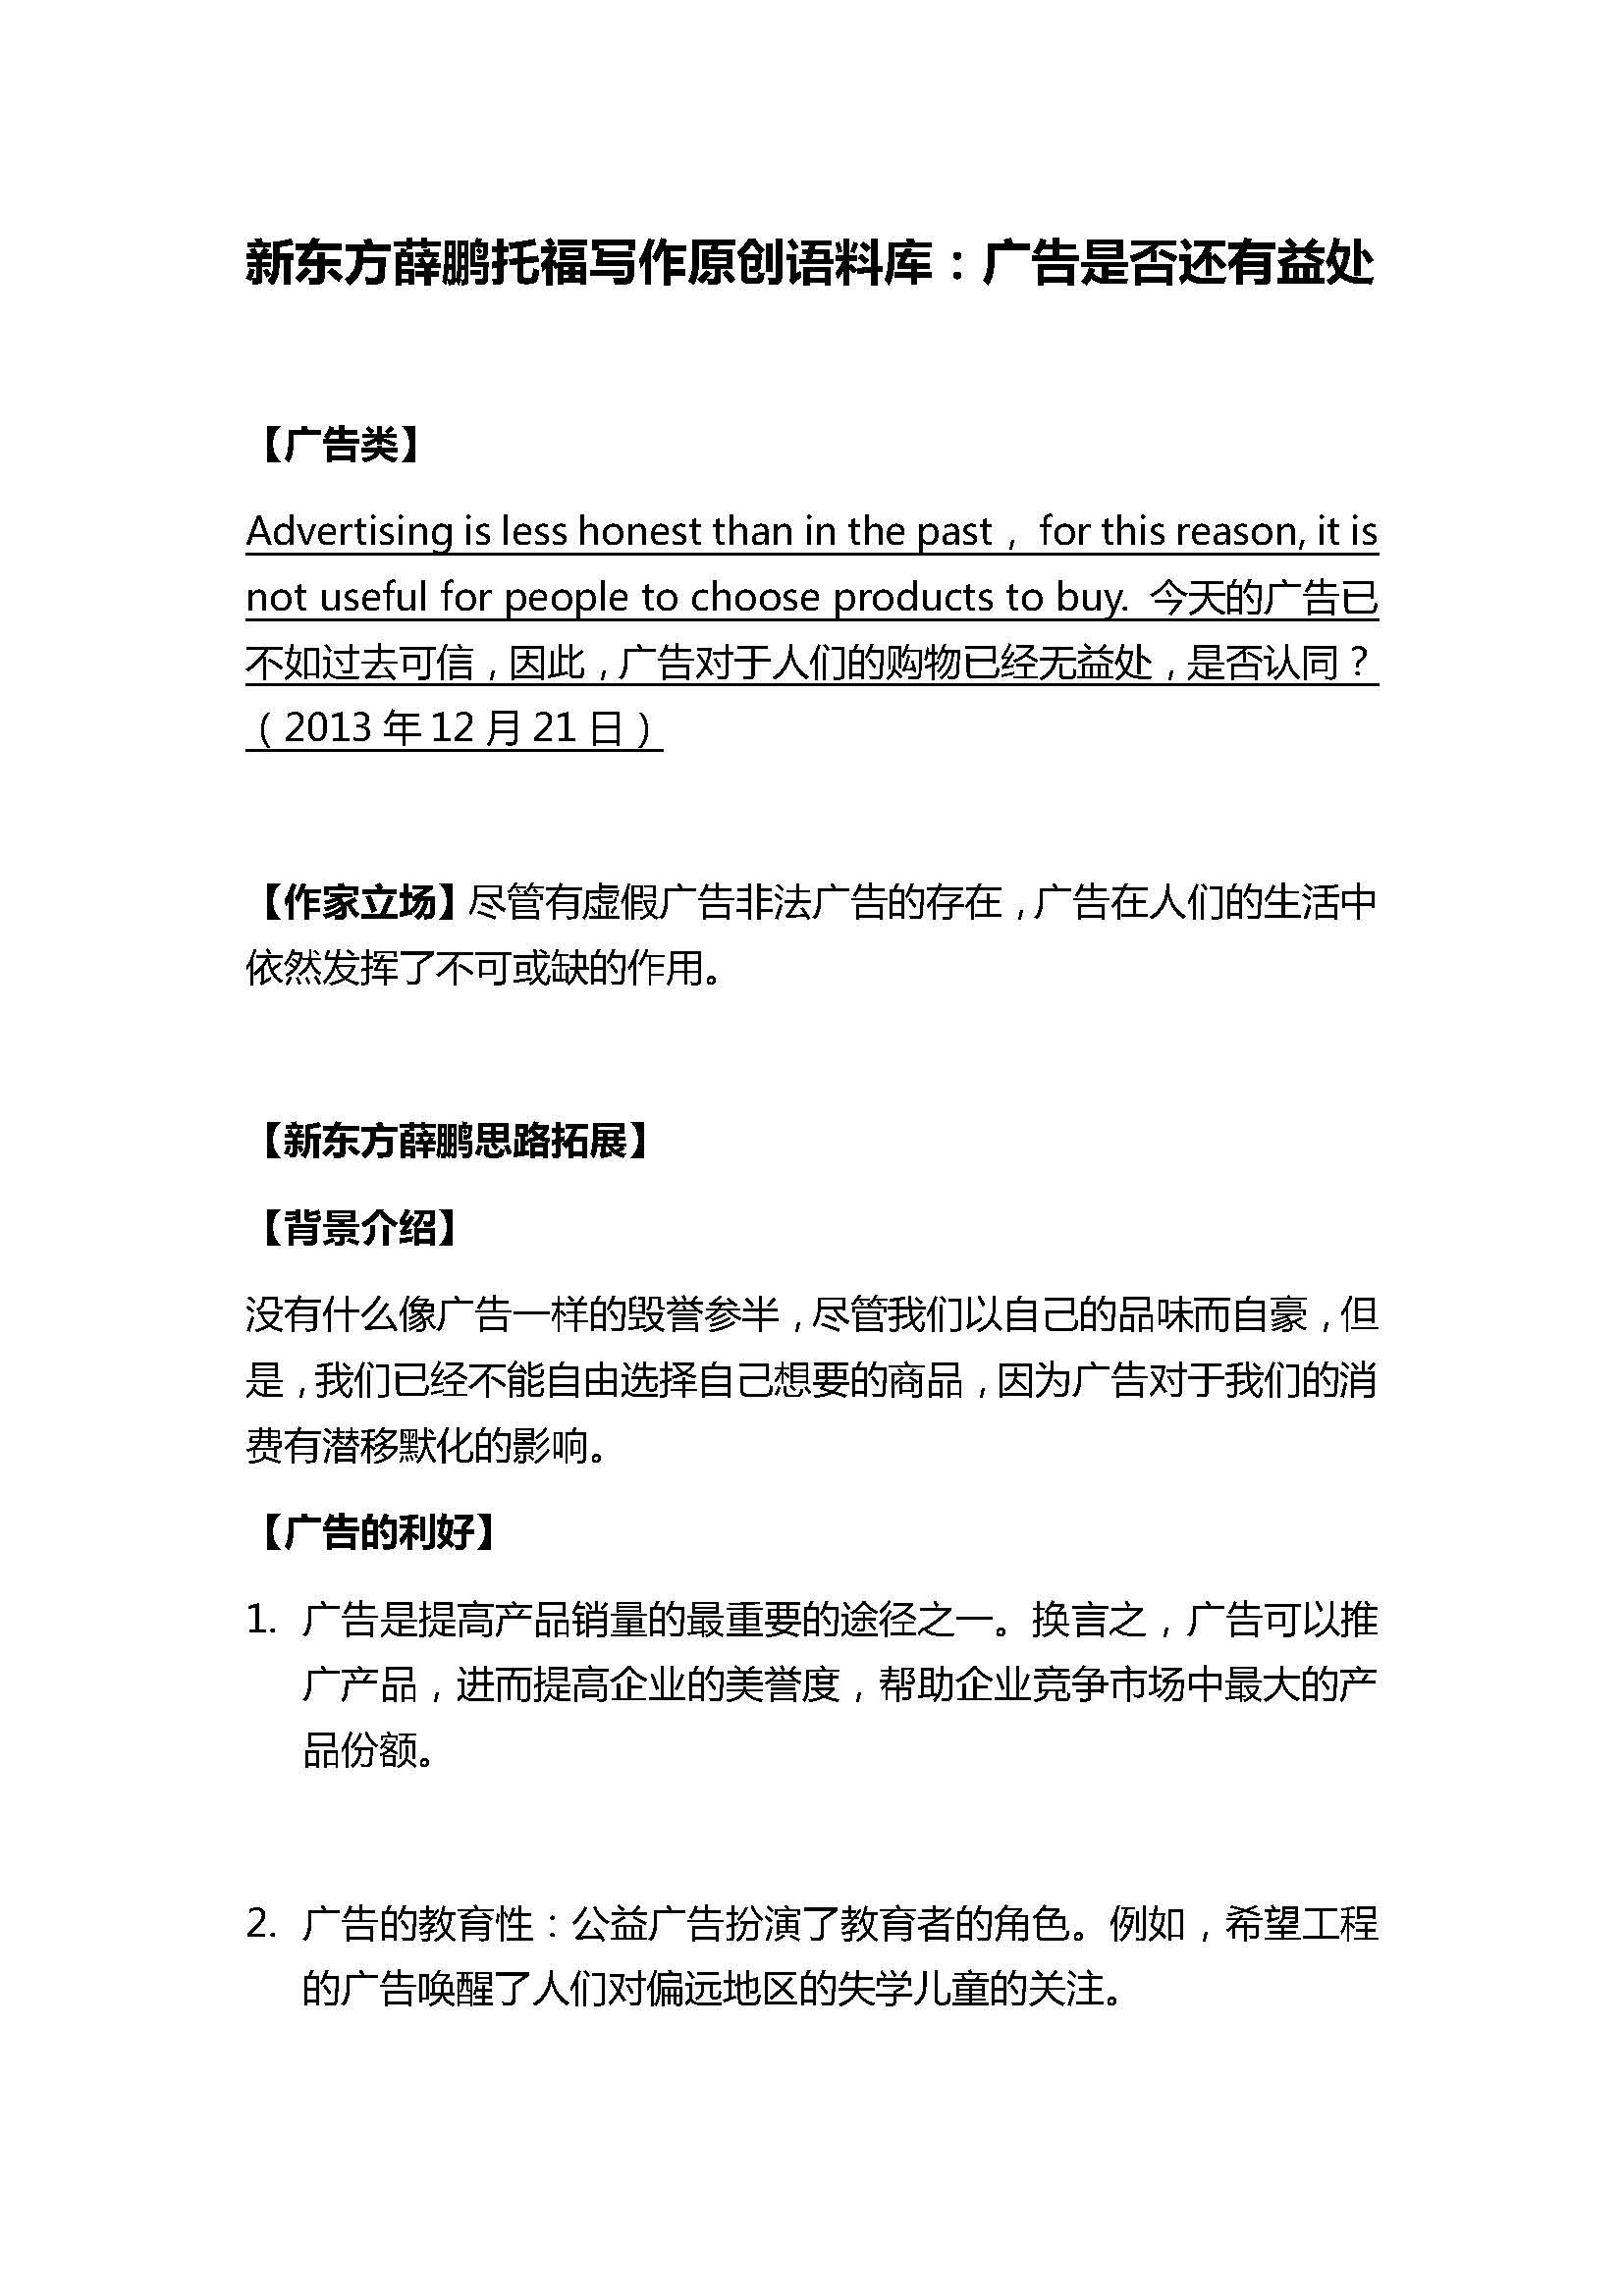 新东方薛鹏原创托福写作语料库:广告是否还有益处